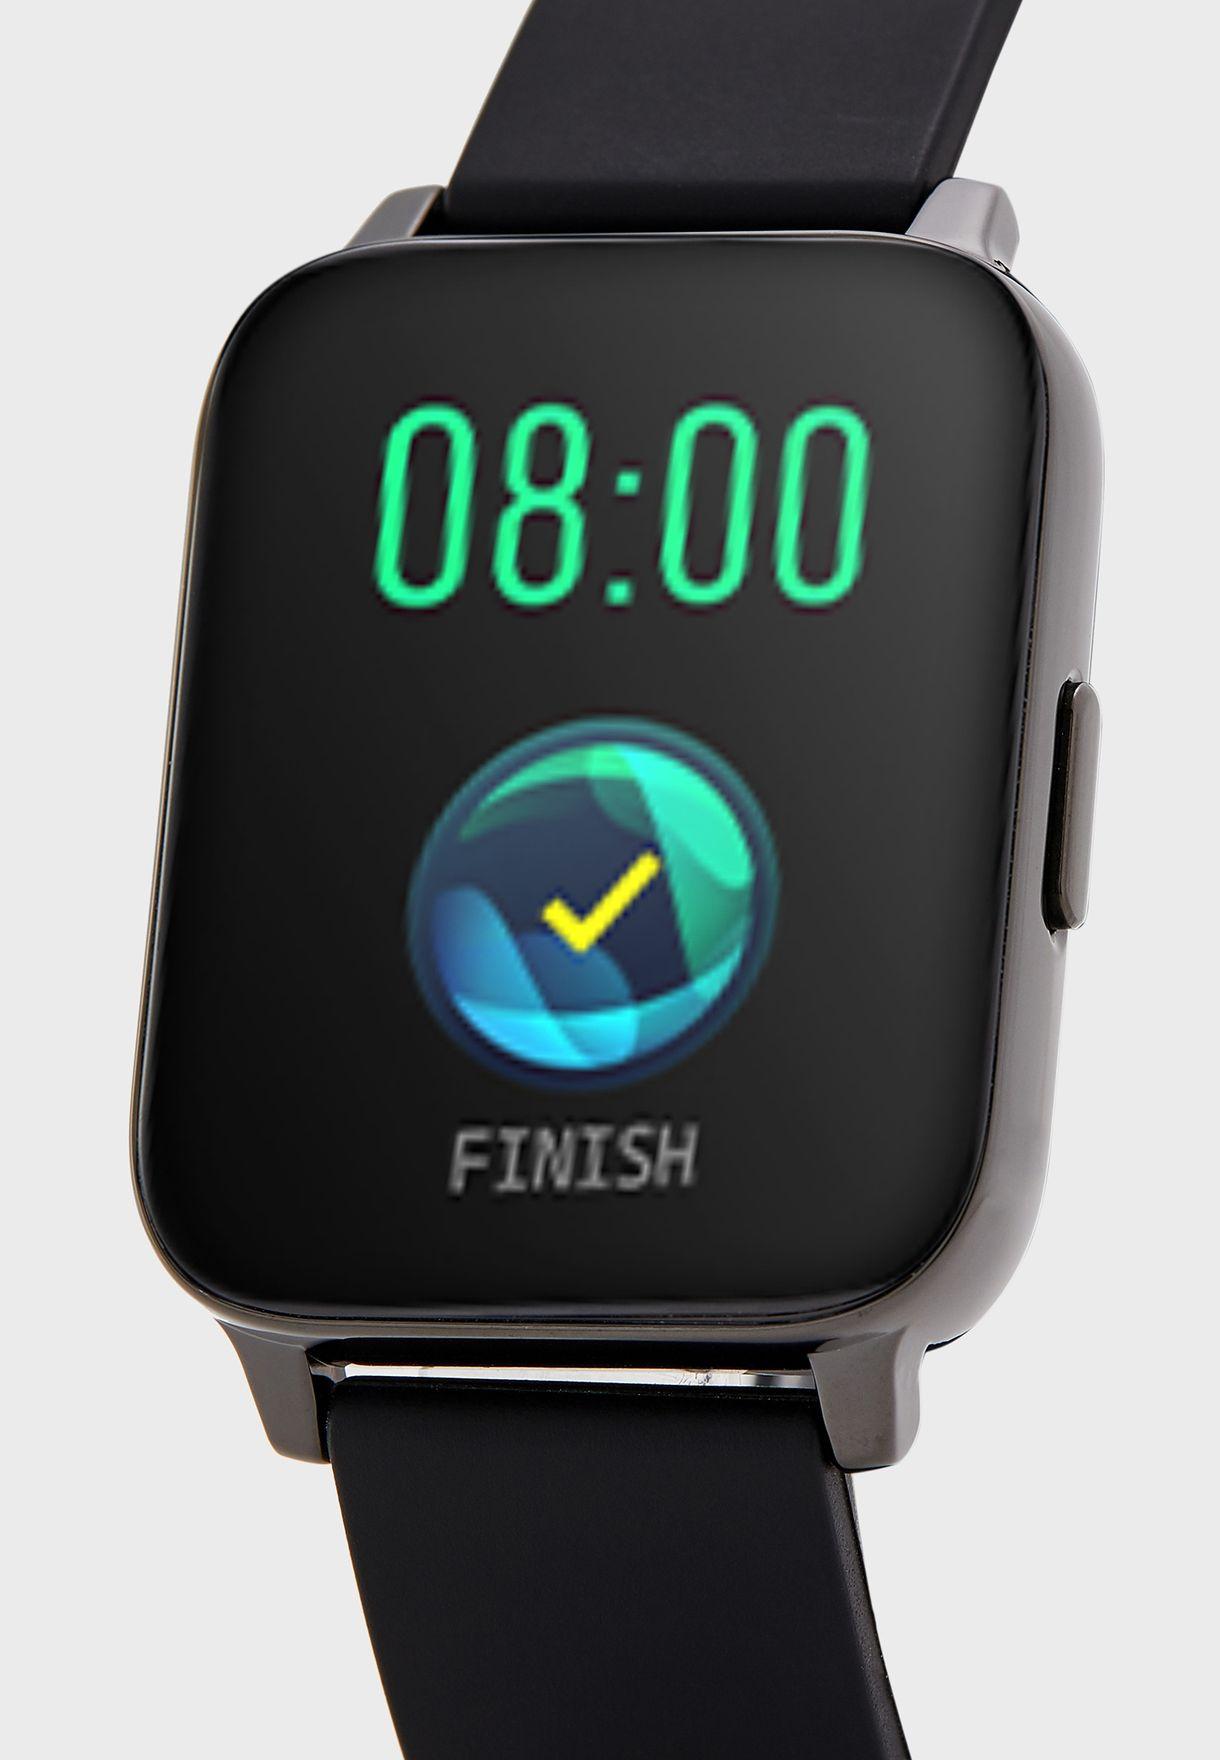 ساعة ذكية مع معدل ضربات القلب وميزات متعددة